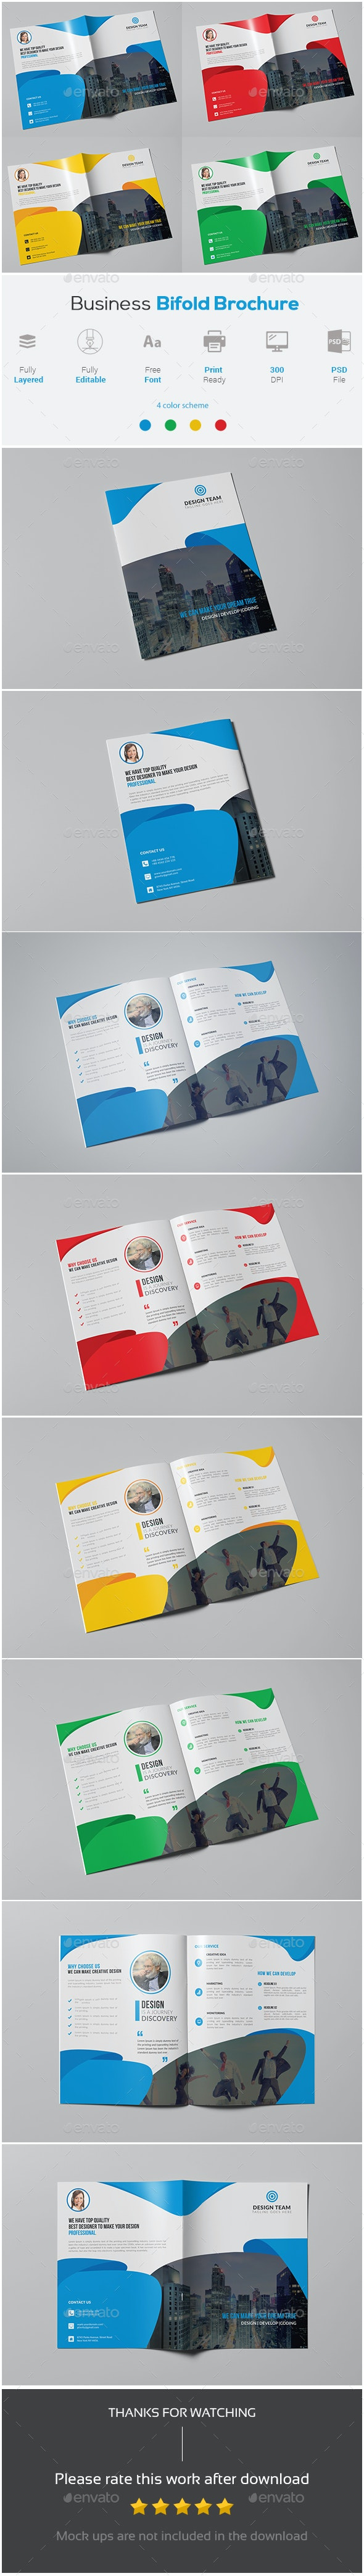 Business Bifold Brochure Template - Corporate Brochures